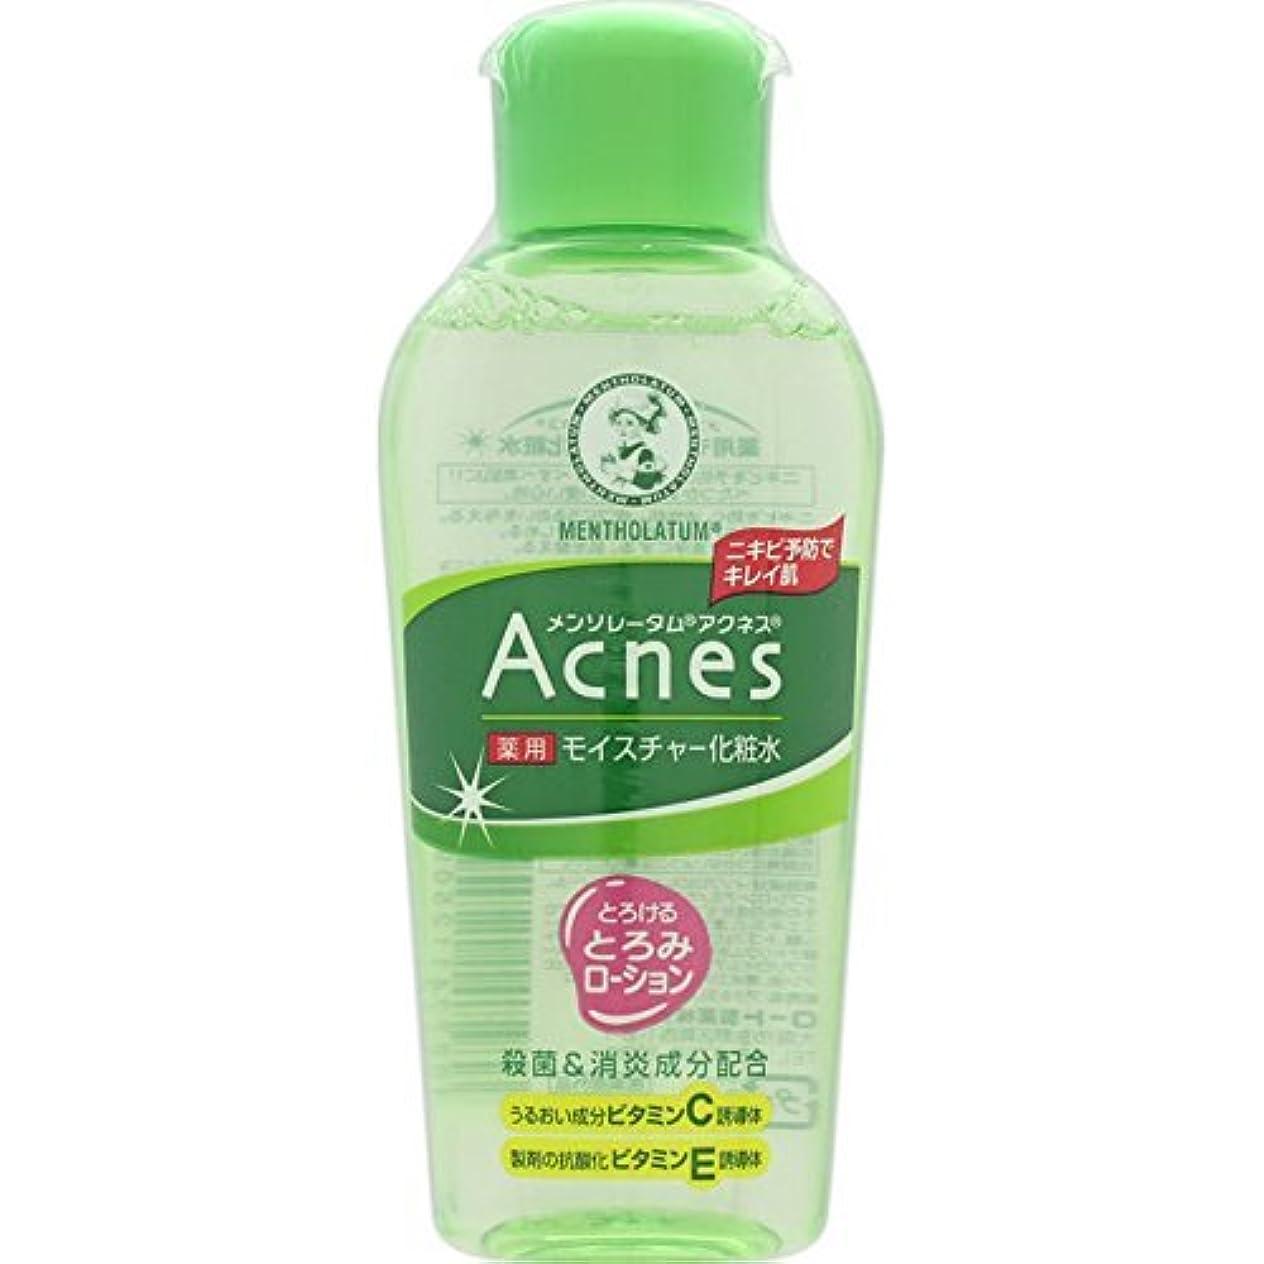 キャンドル驚くばかり例Acnes(アクネス) 薬用モイスチャー化粧水 120mL【医薬部外品】